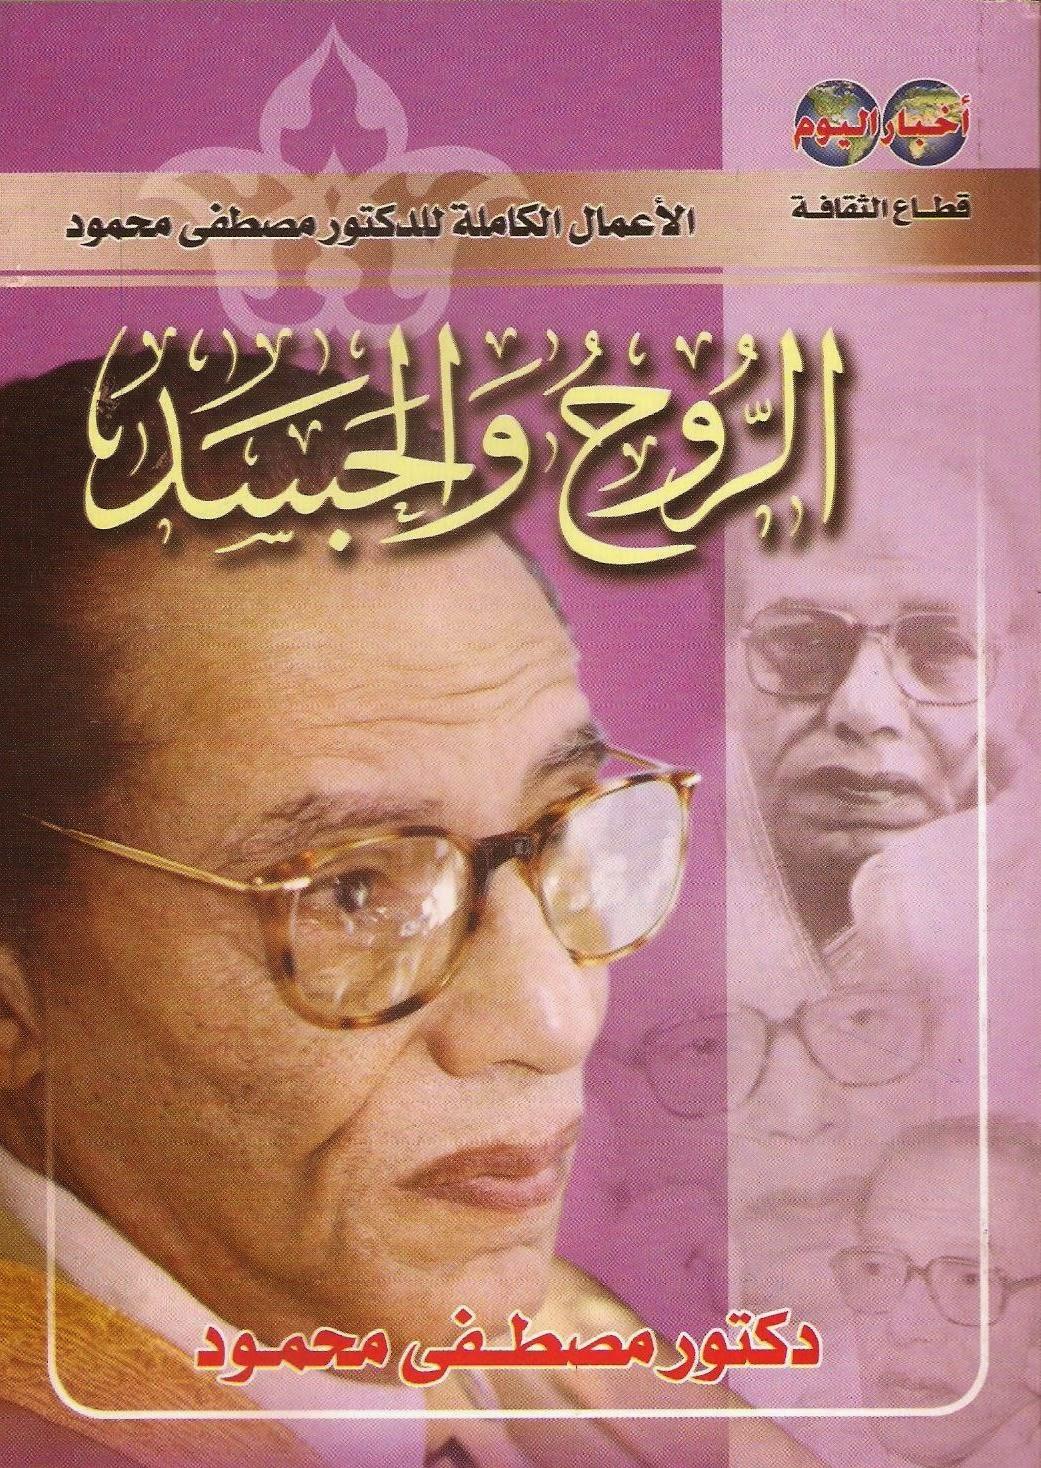 كتاب الروح والجسد لمصطفى محمود..للتحميل